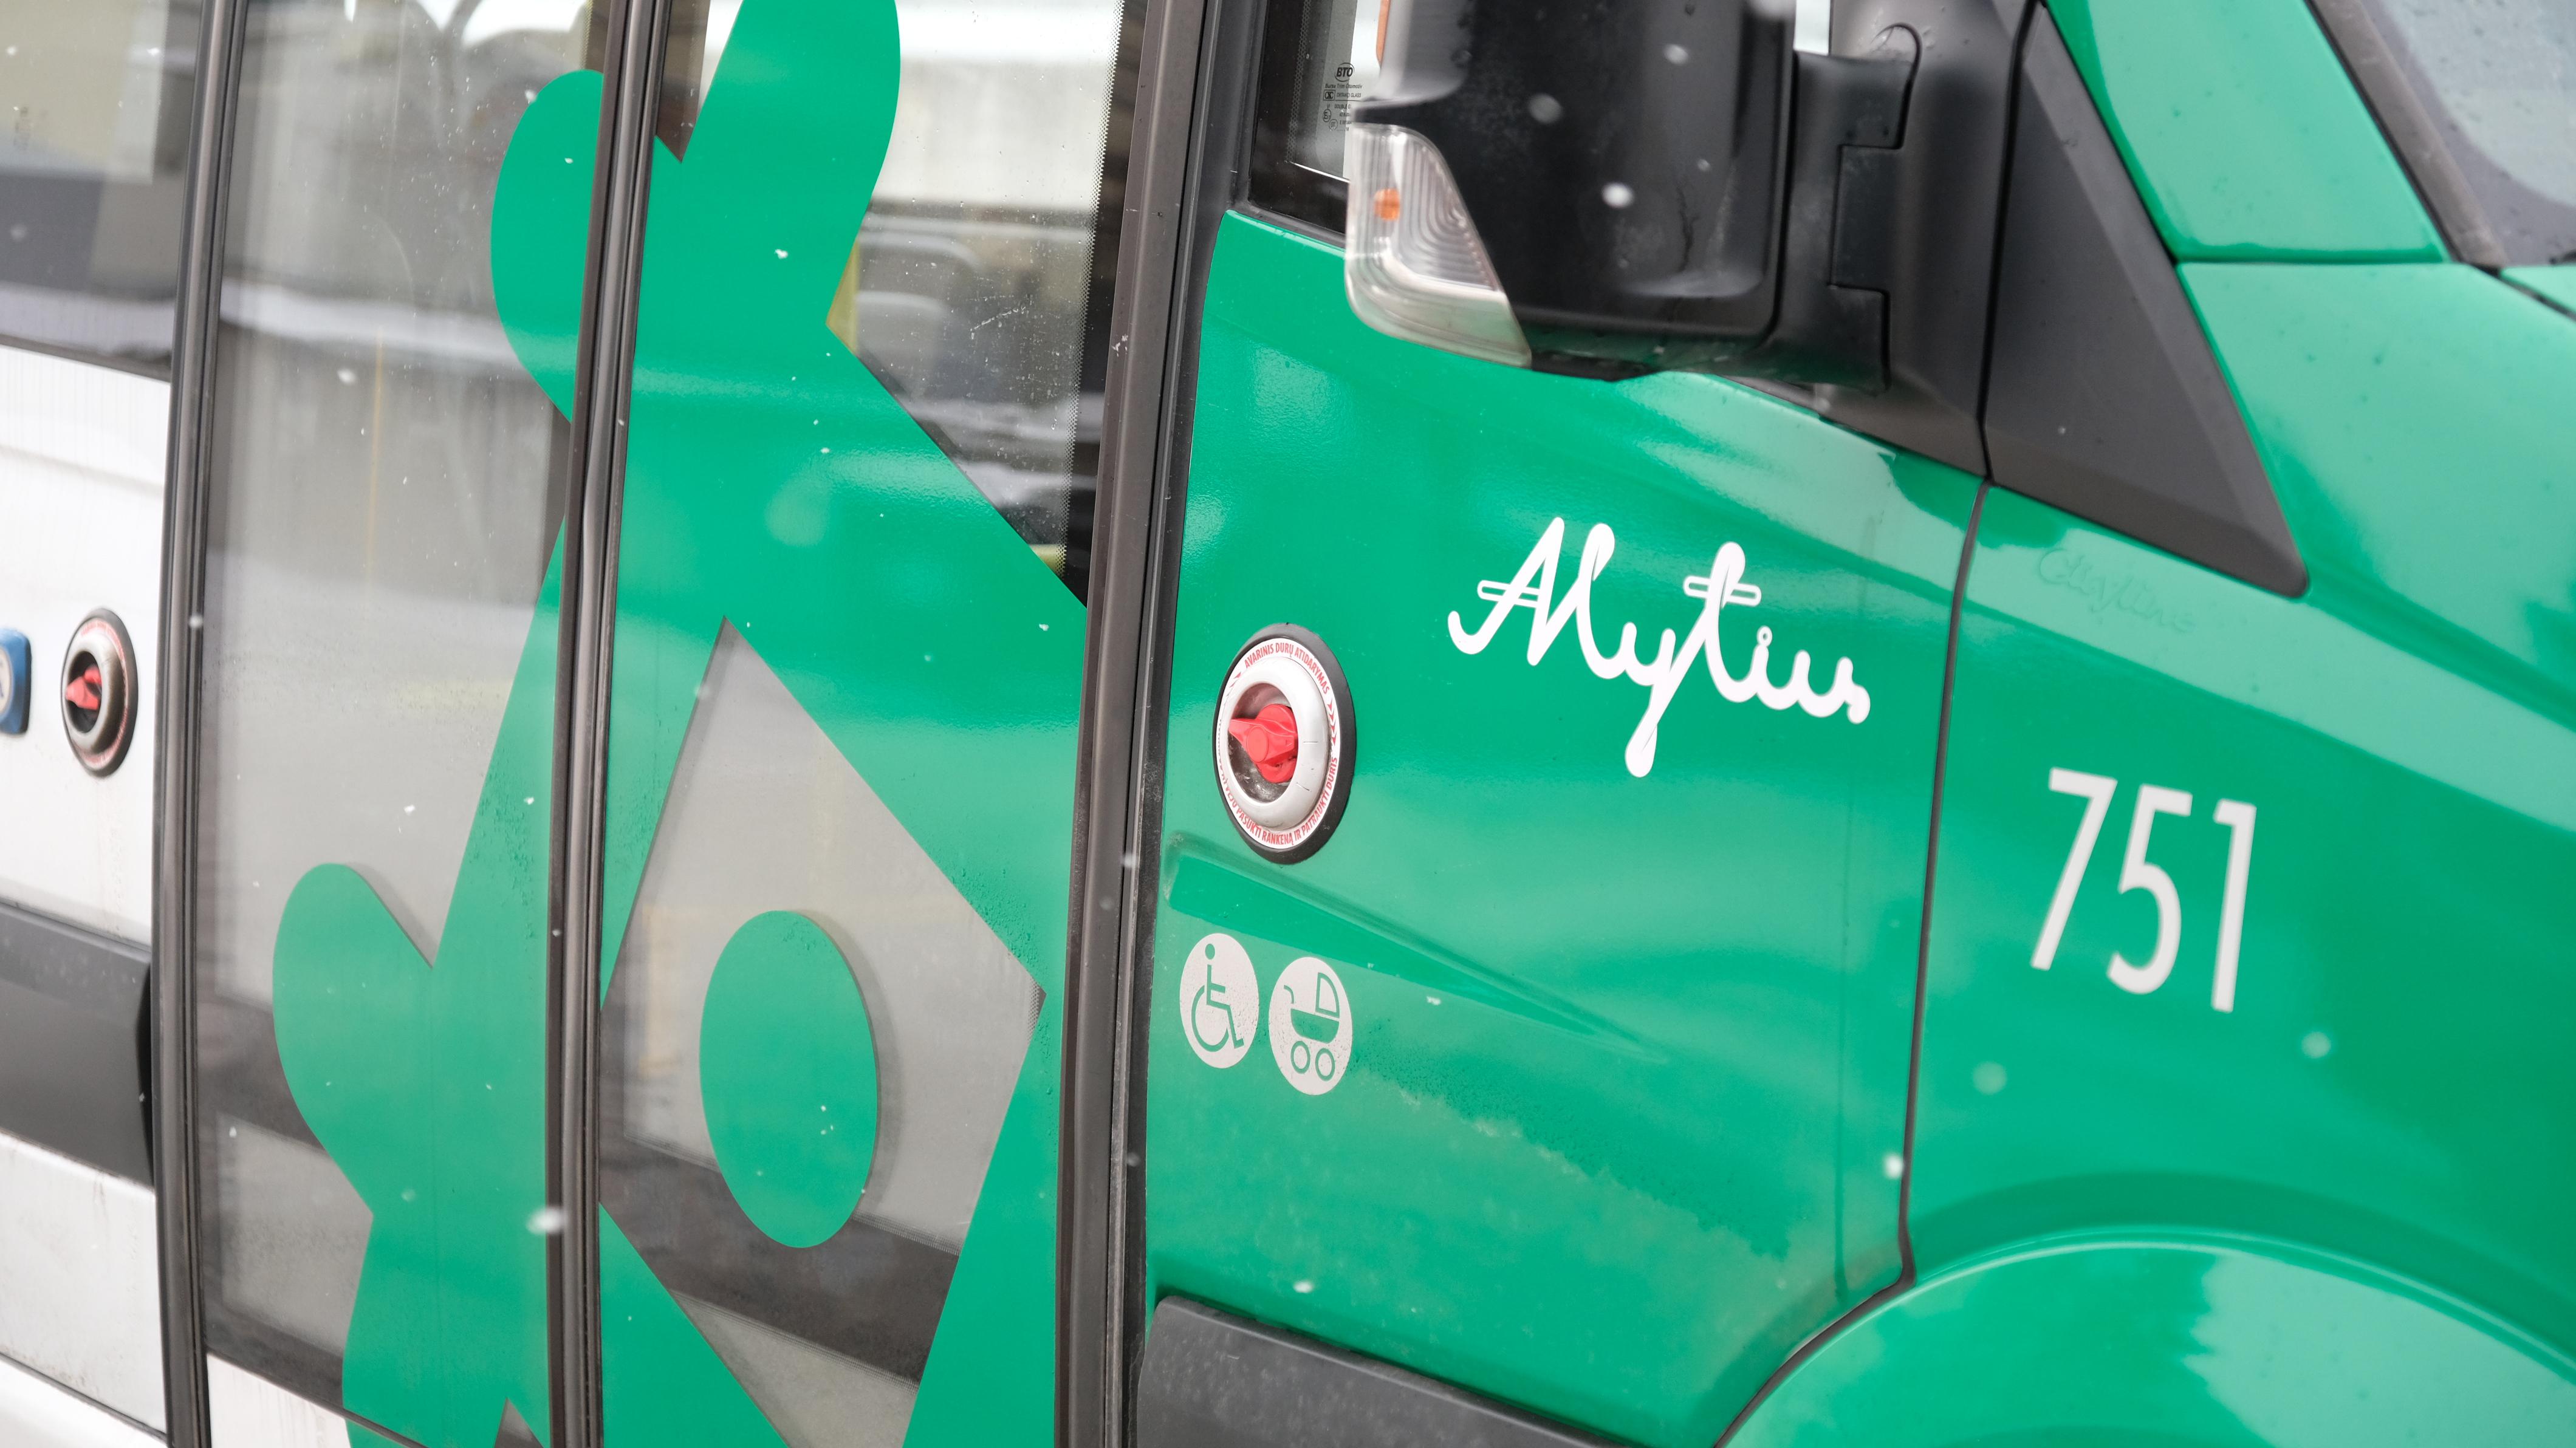 Pokyčiai Alytaus viešajame transporte: į sodus laikinai nekursuos 7A maršrutas